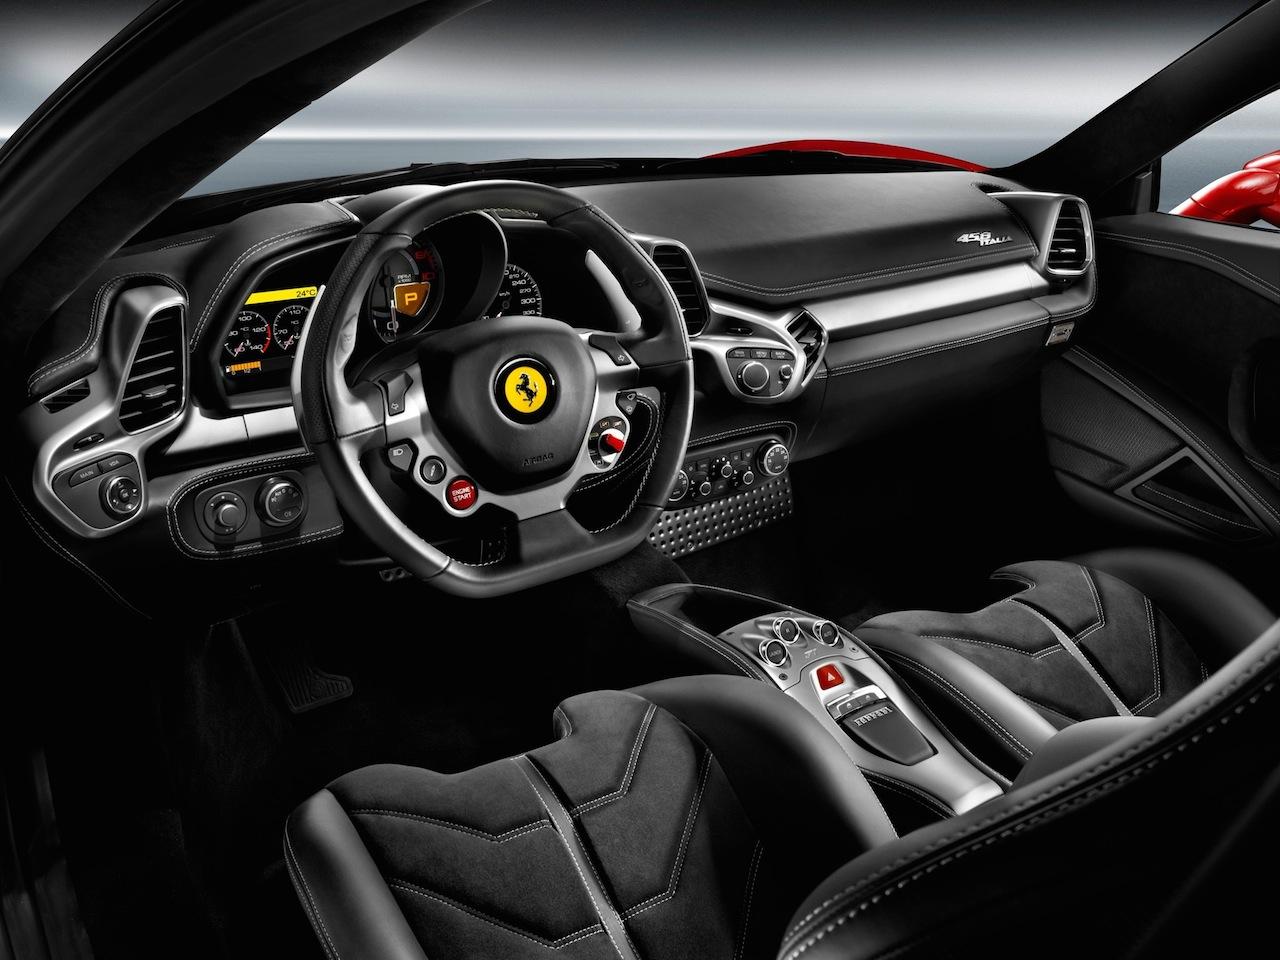 458 speciale interior. 2015 ferrari 458 italia speciale coupe interior hero driveru0027s side